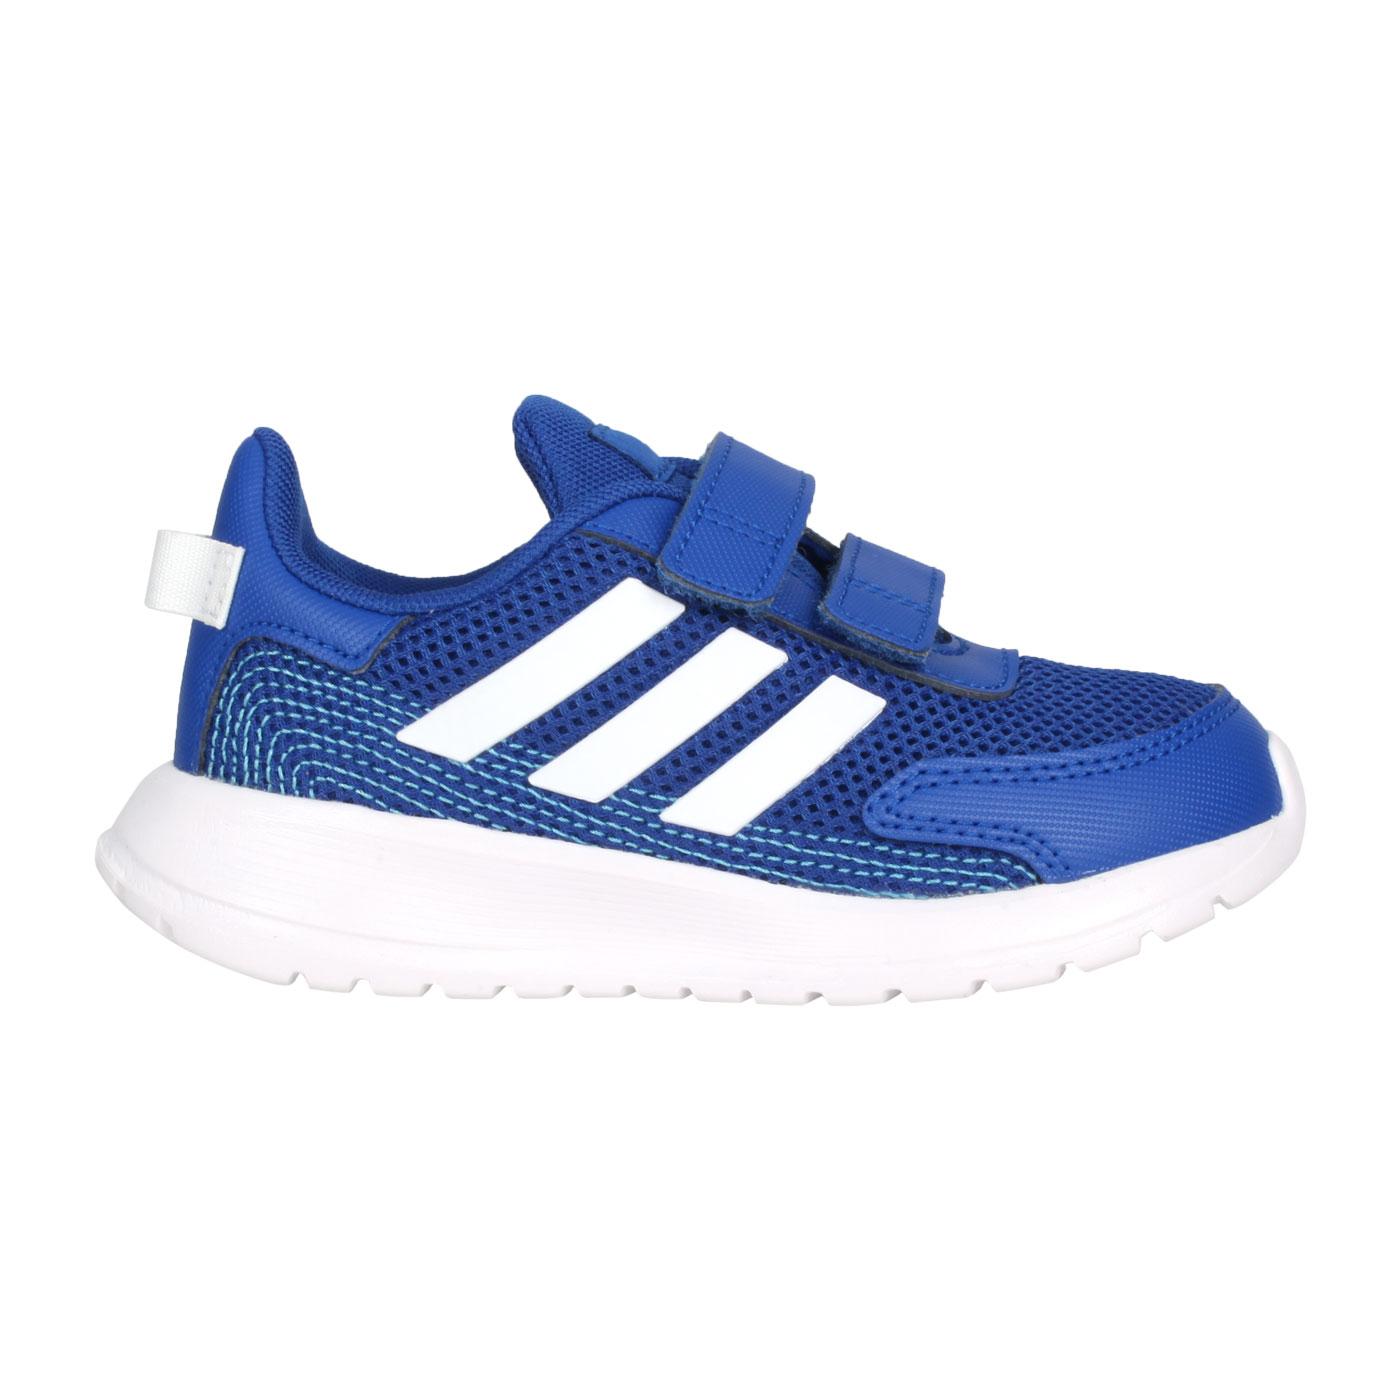 ADIDAS 小童休閒運動鞋 EG4140